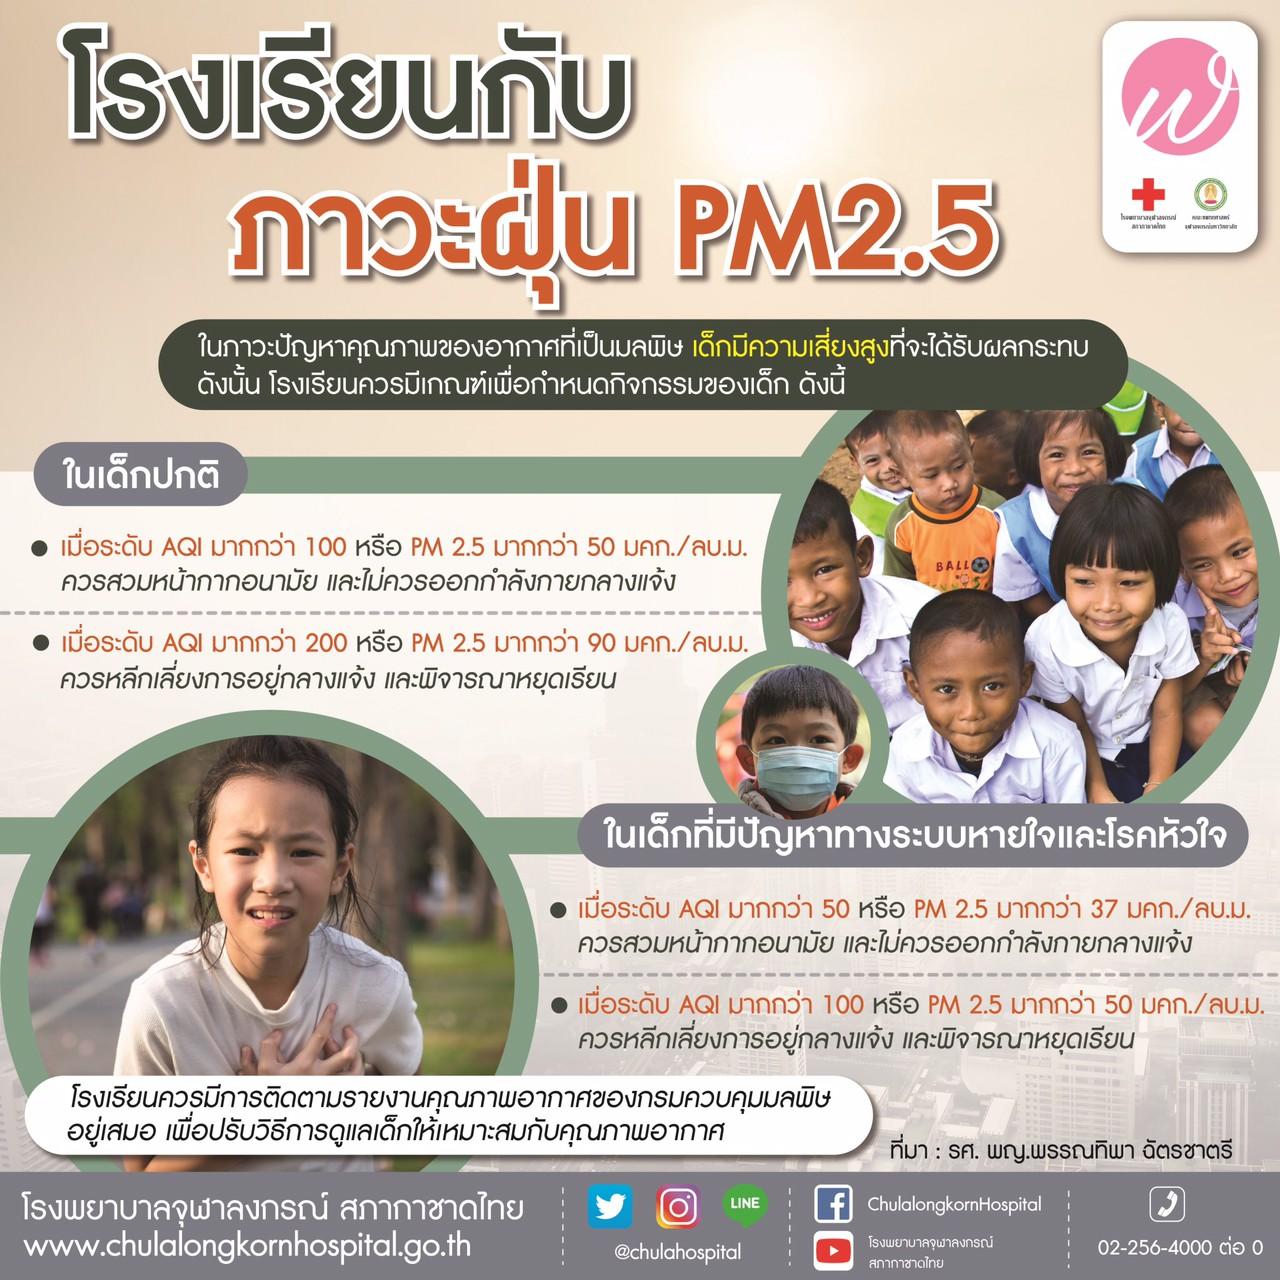 โรงเรียนกับภาวะฝุ่น PM2.5